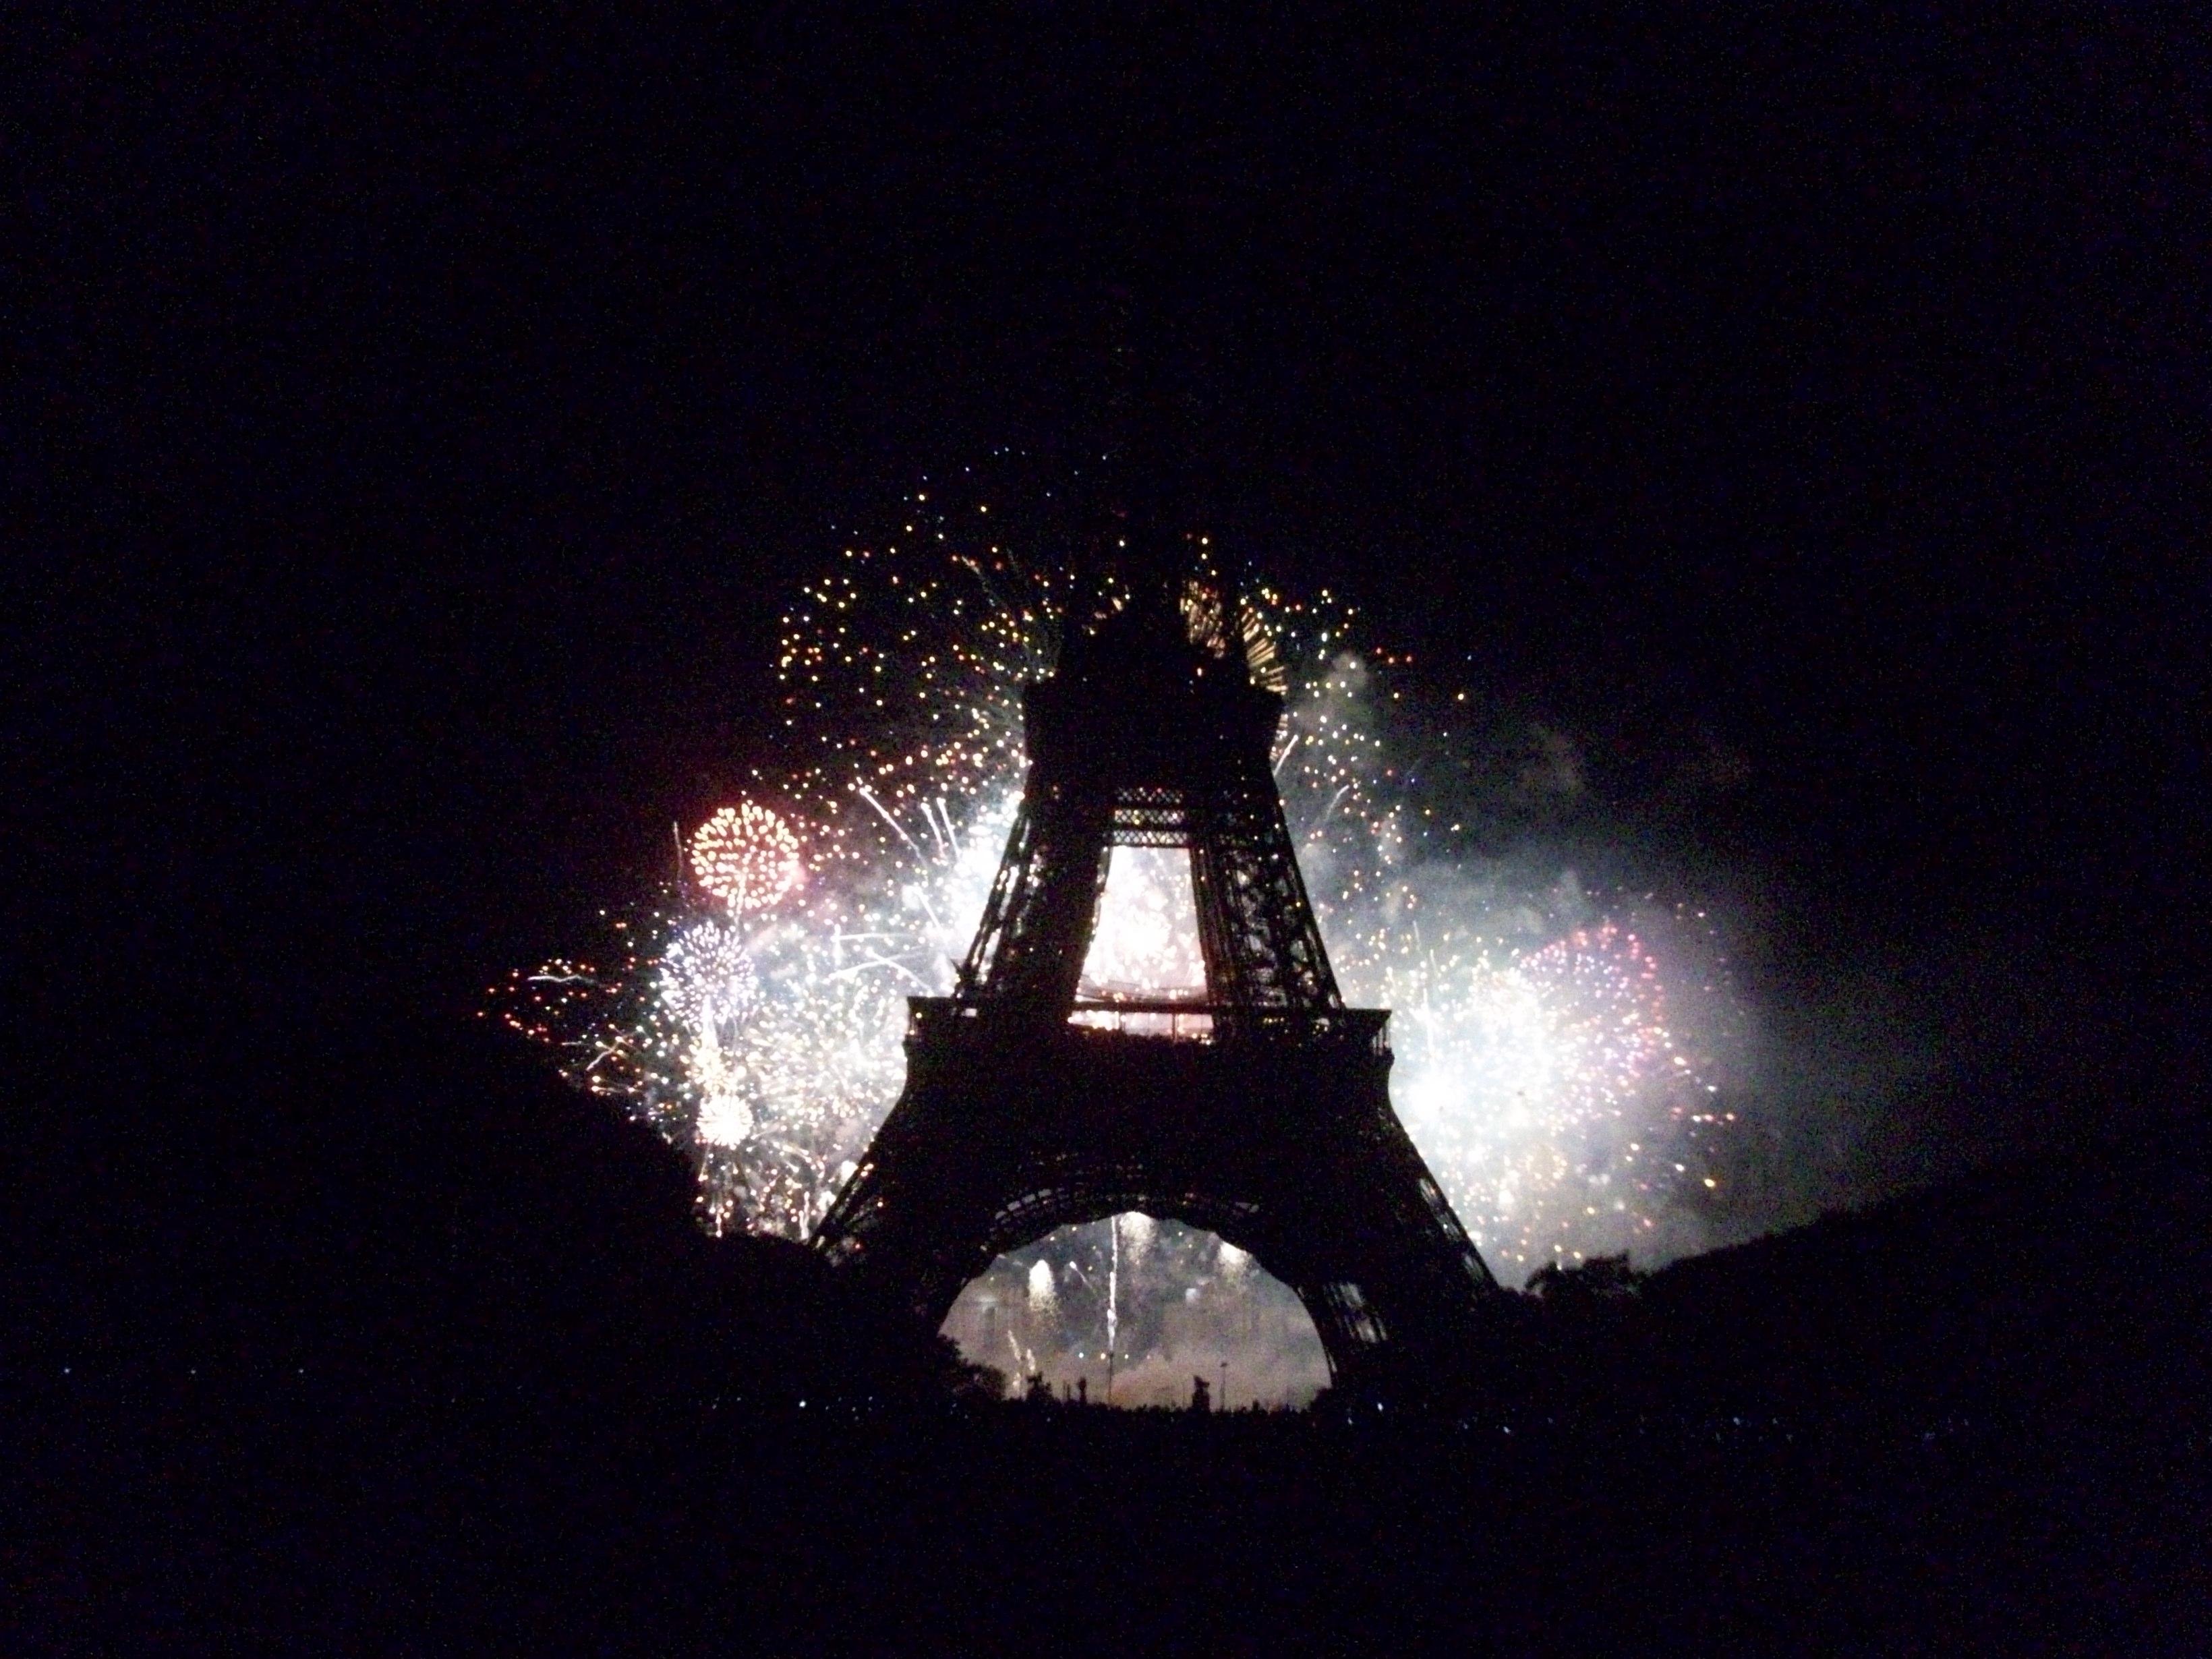 París Y La Torre Eiffel Un Lunar En La Punta De La Nariz